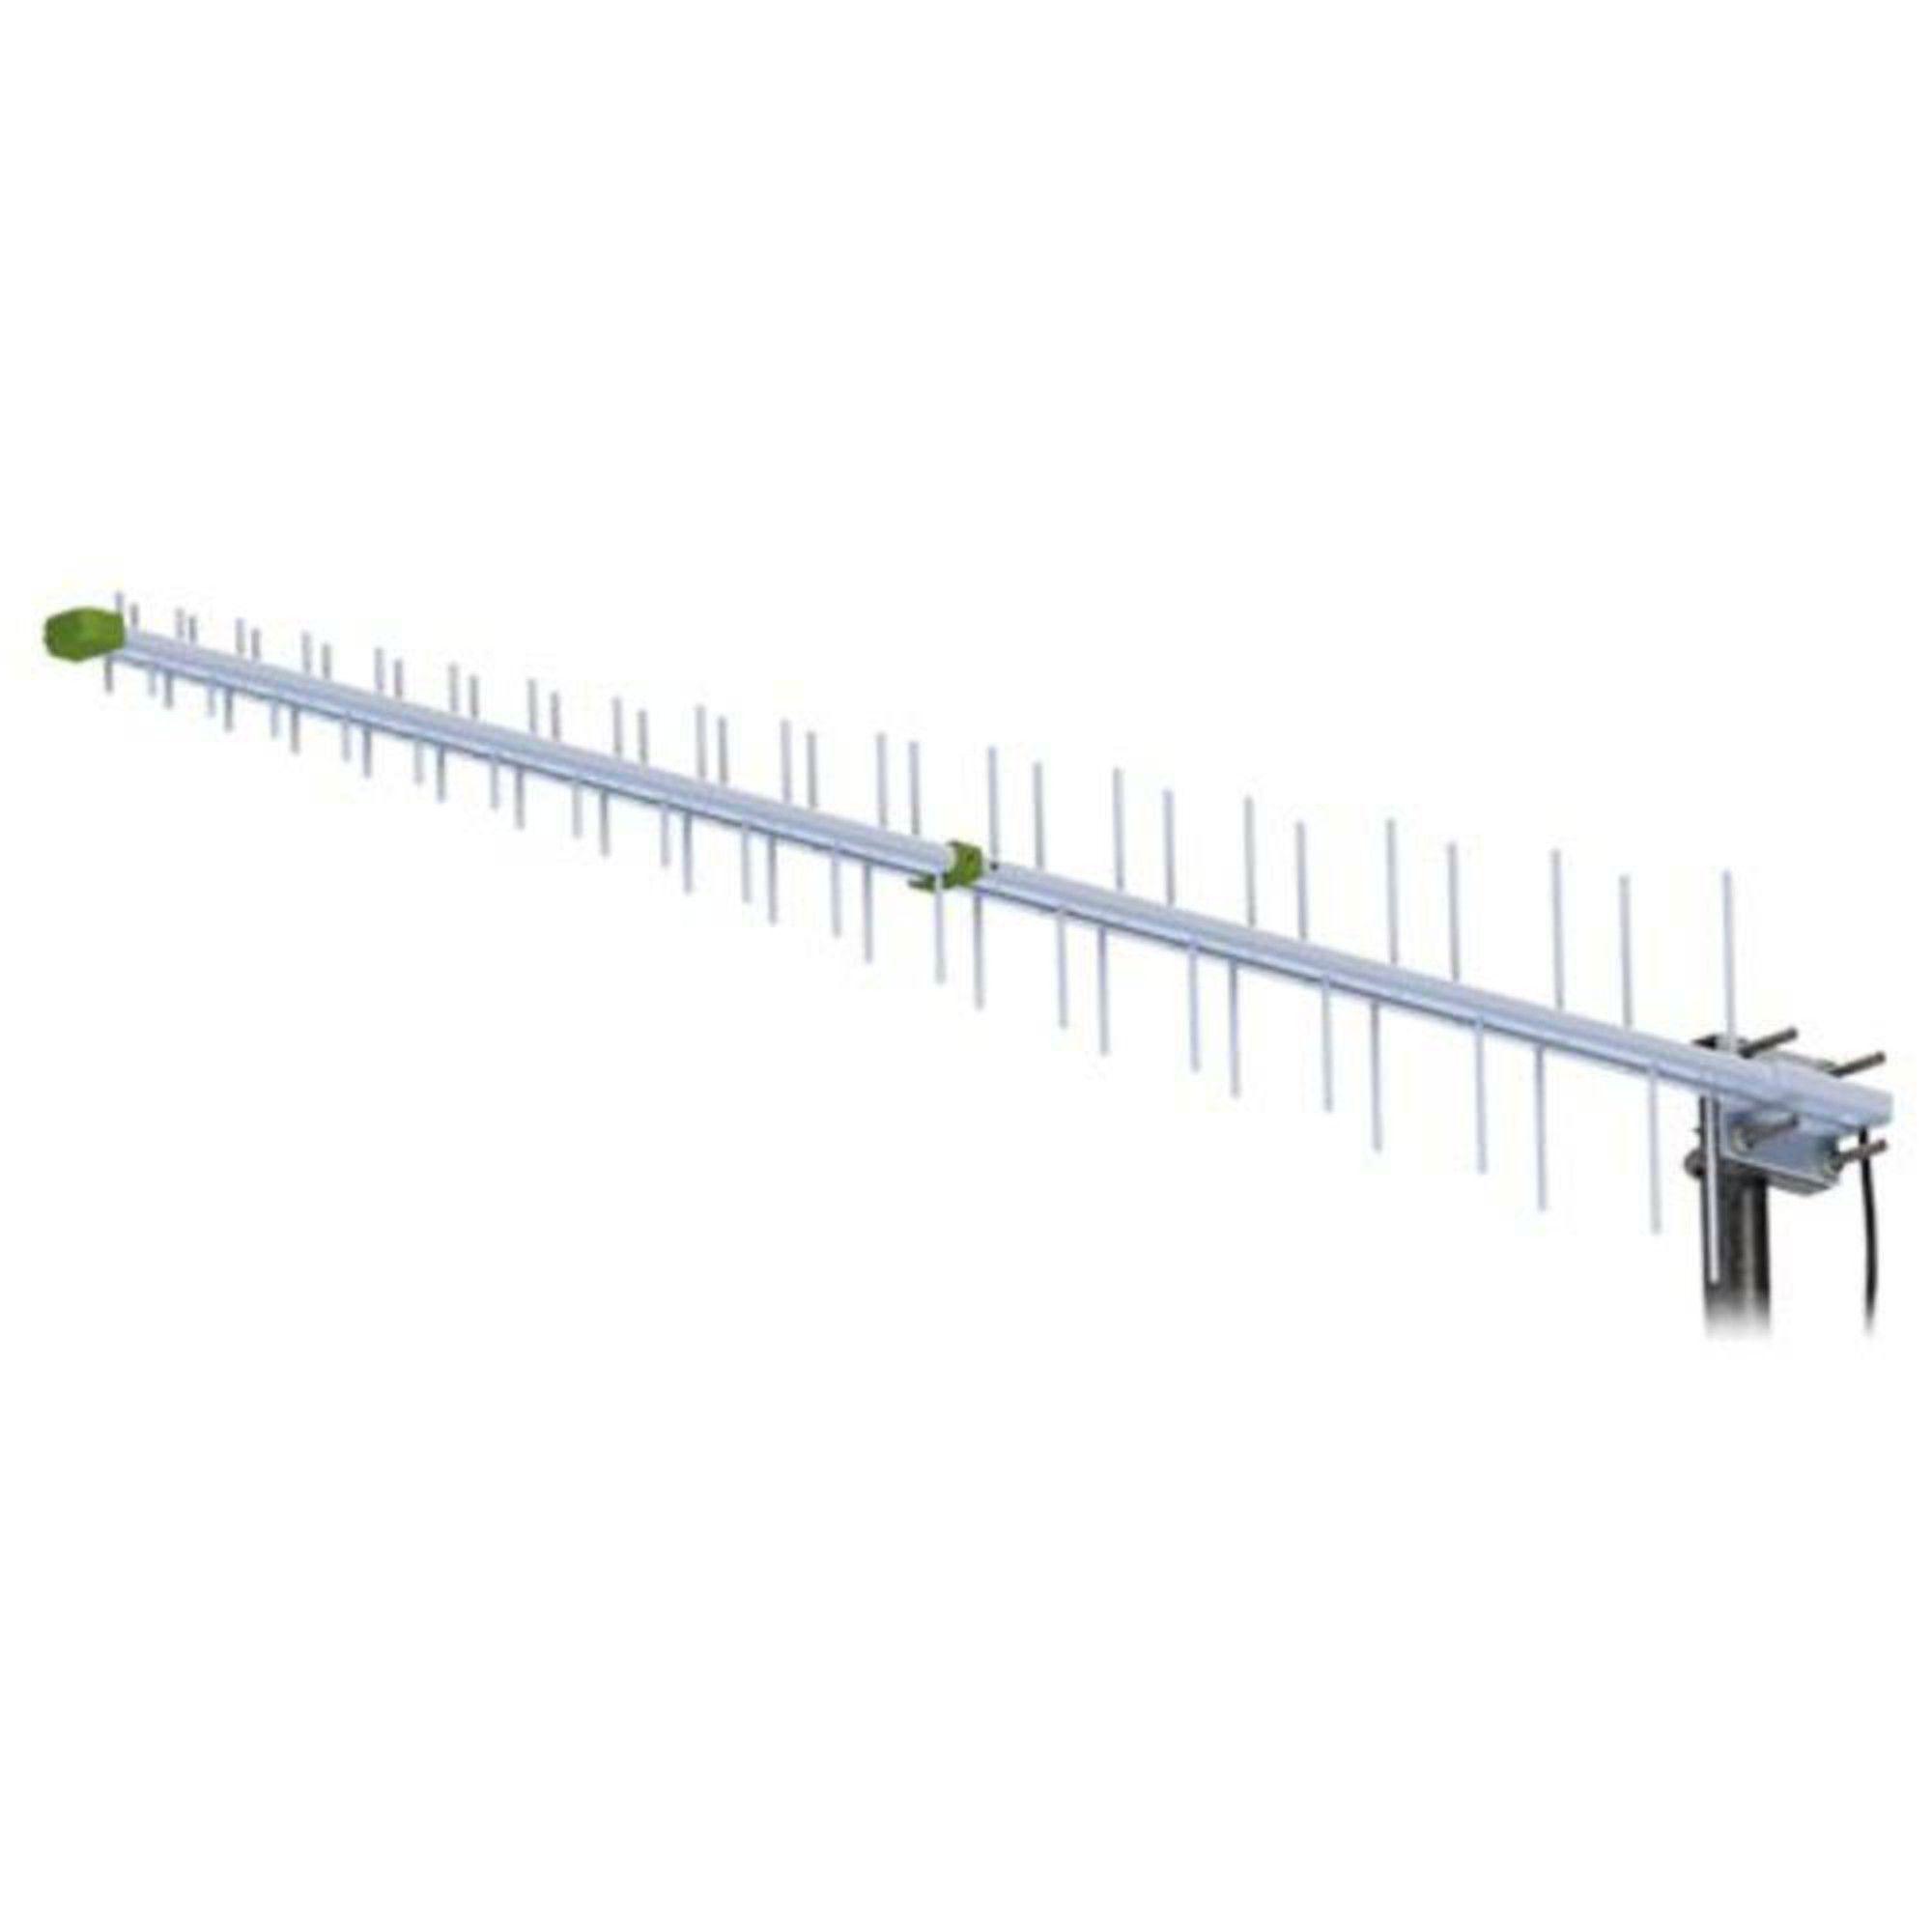 Antena Celular Rural Voz 2G 3G 4G Todas Frequências